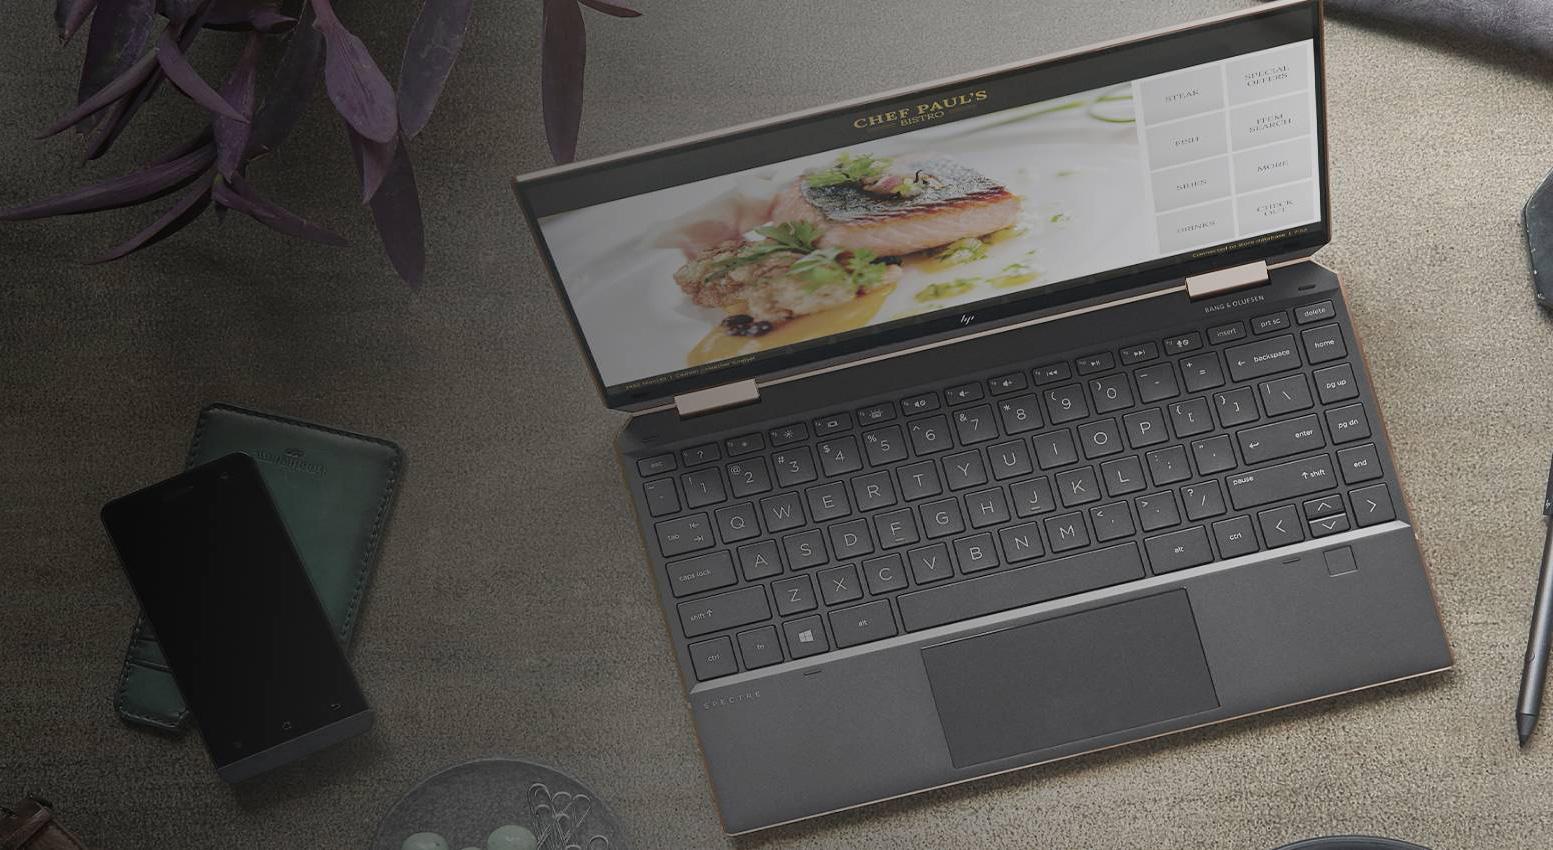 Şık, hafif ama çok güçlü: HP Spectre x360 13